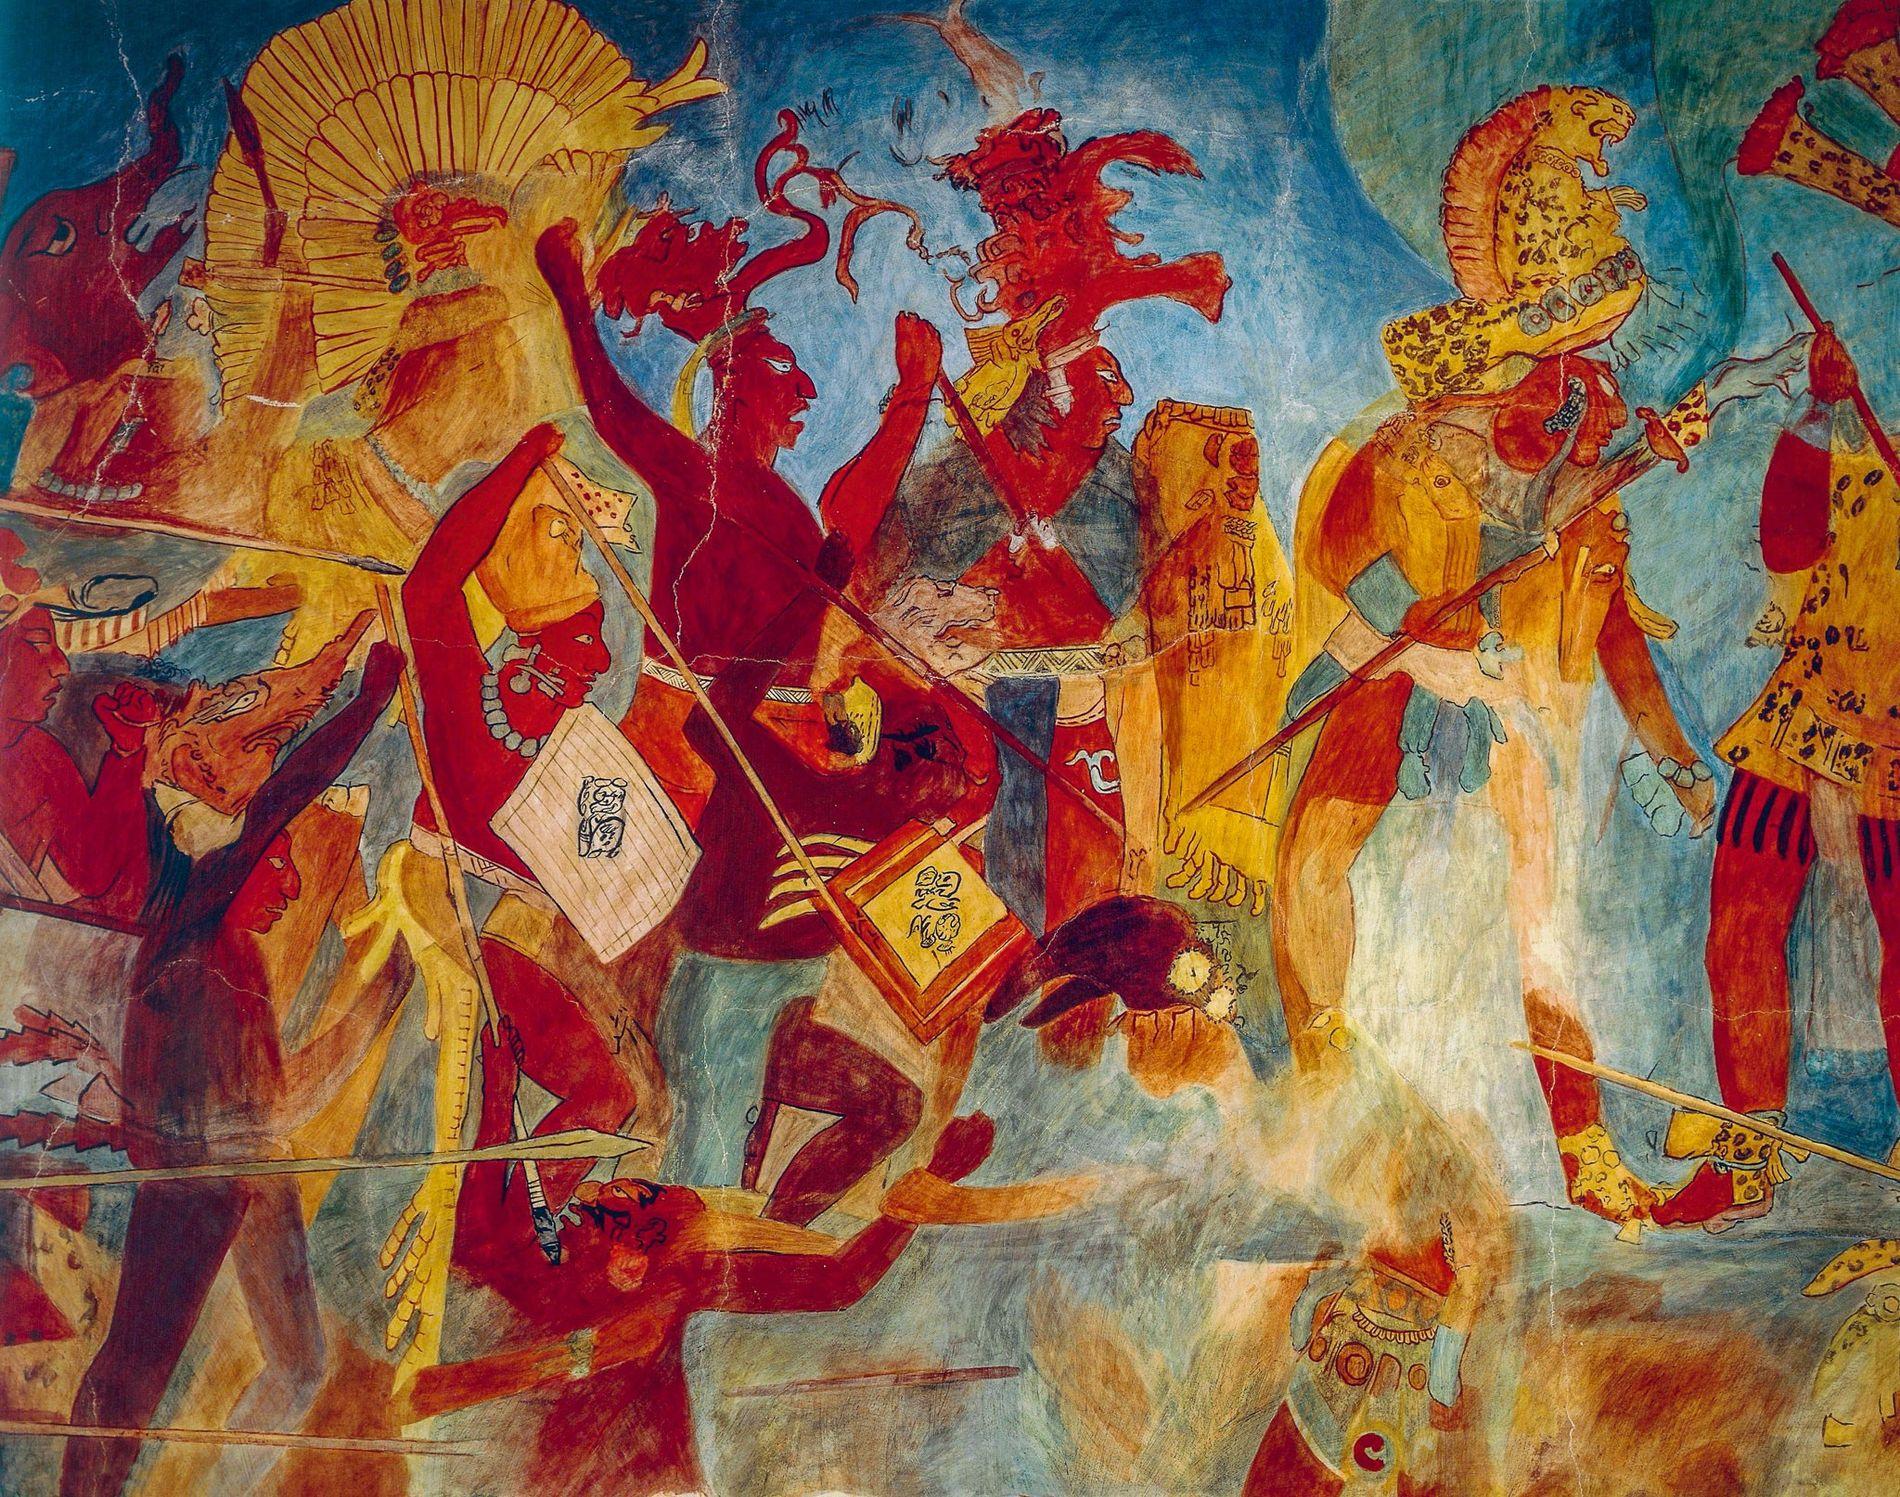 Les universitaires ont longtemps considéré que les Mayas n'avaient basculé dans la guerre totale (déchaînement de violence sans retenue visant à détruire entièrement les villes) qu'après être entrés en rivalité pour les ressources suite à une série de sécheresses qui aurait débuté au 9e siècle de notre ère.